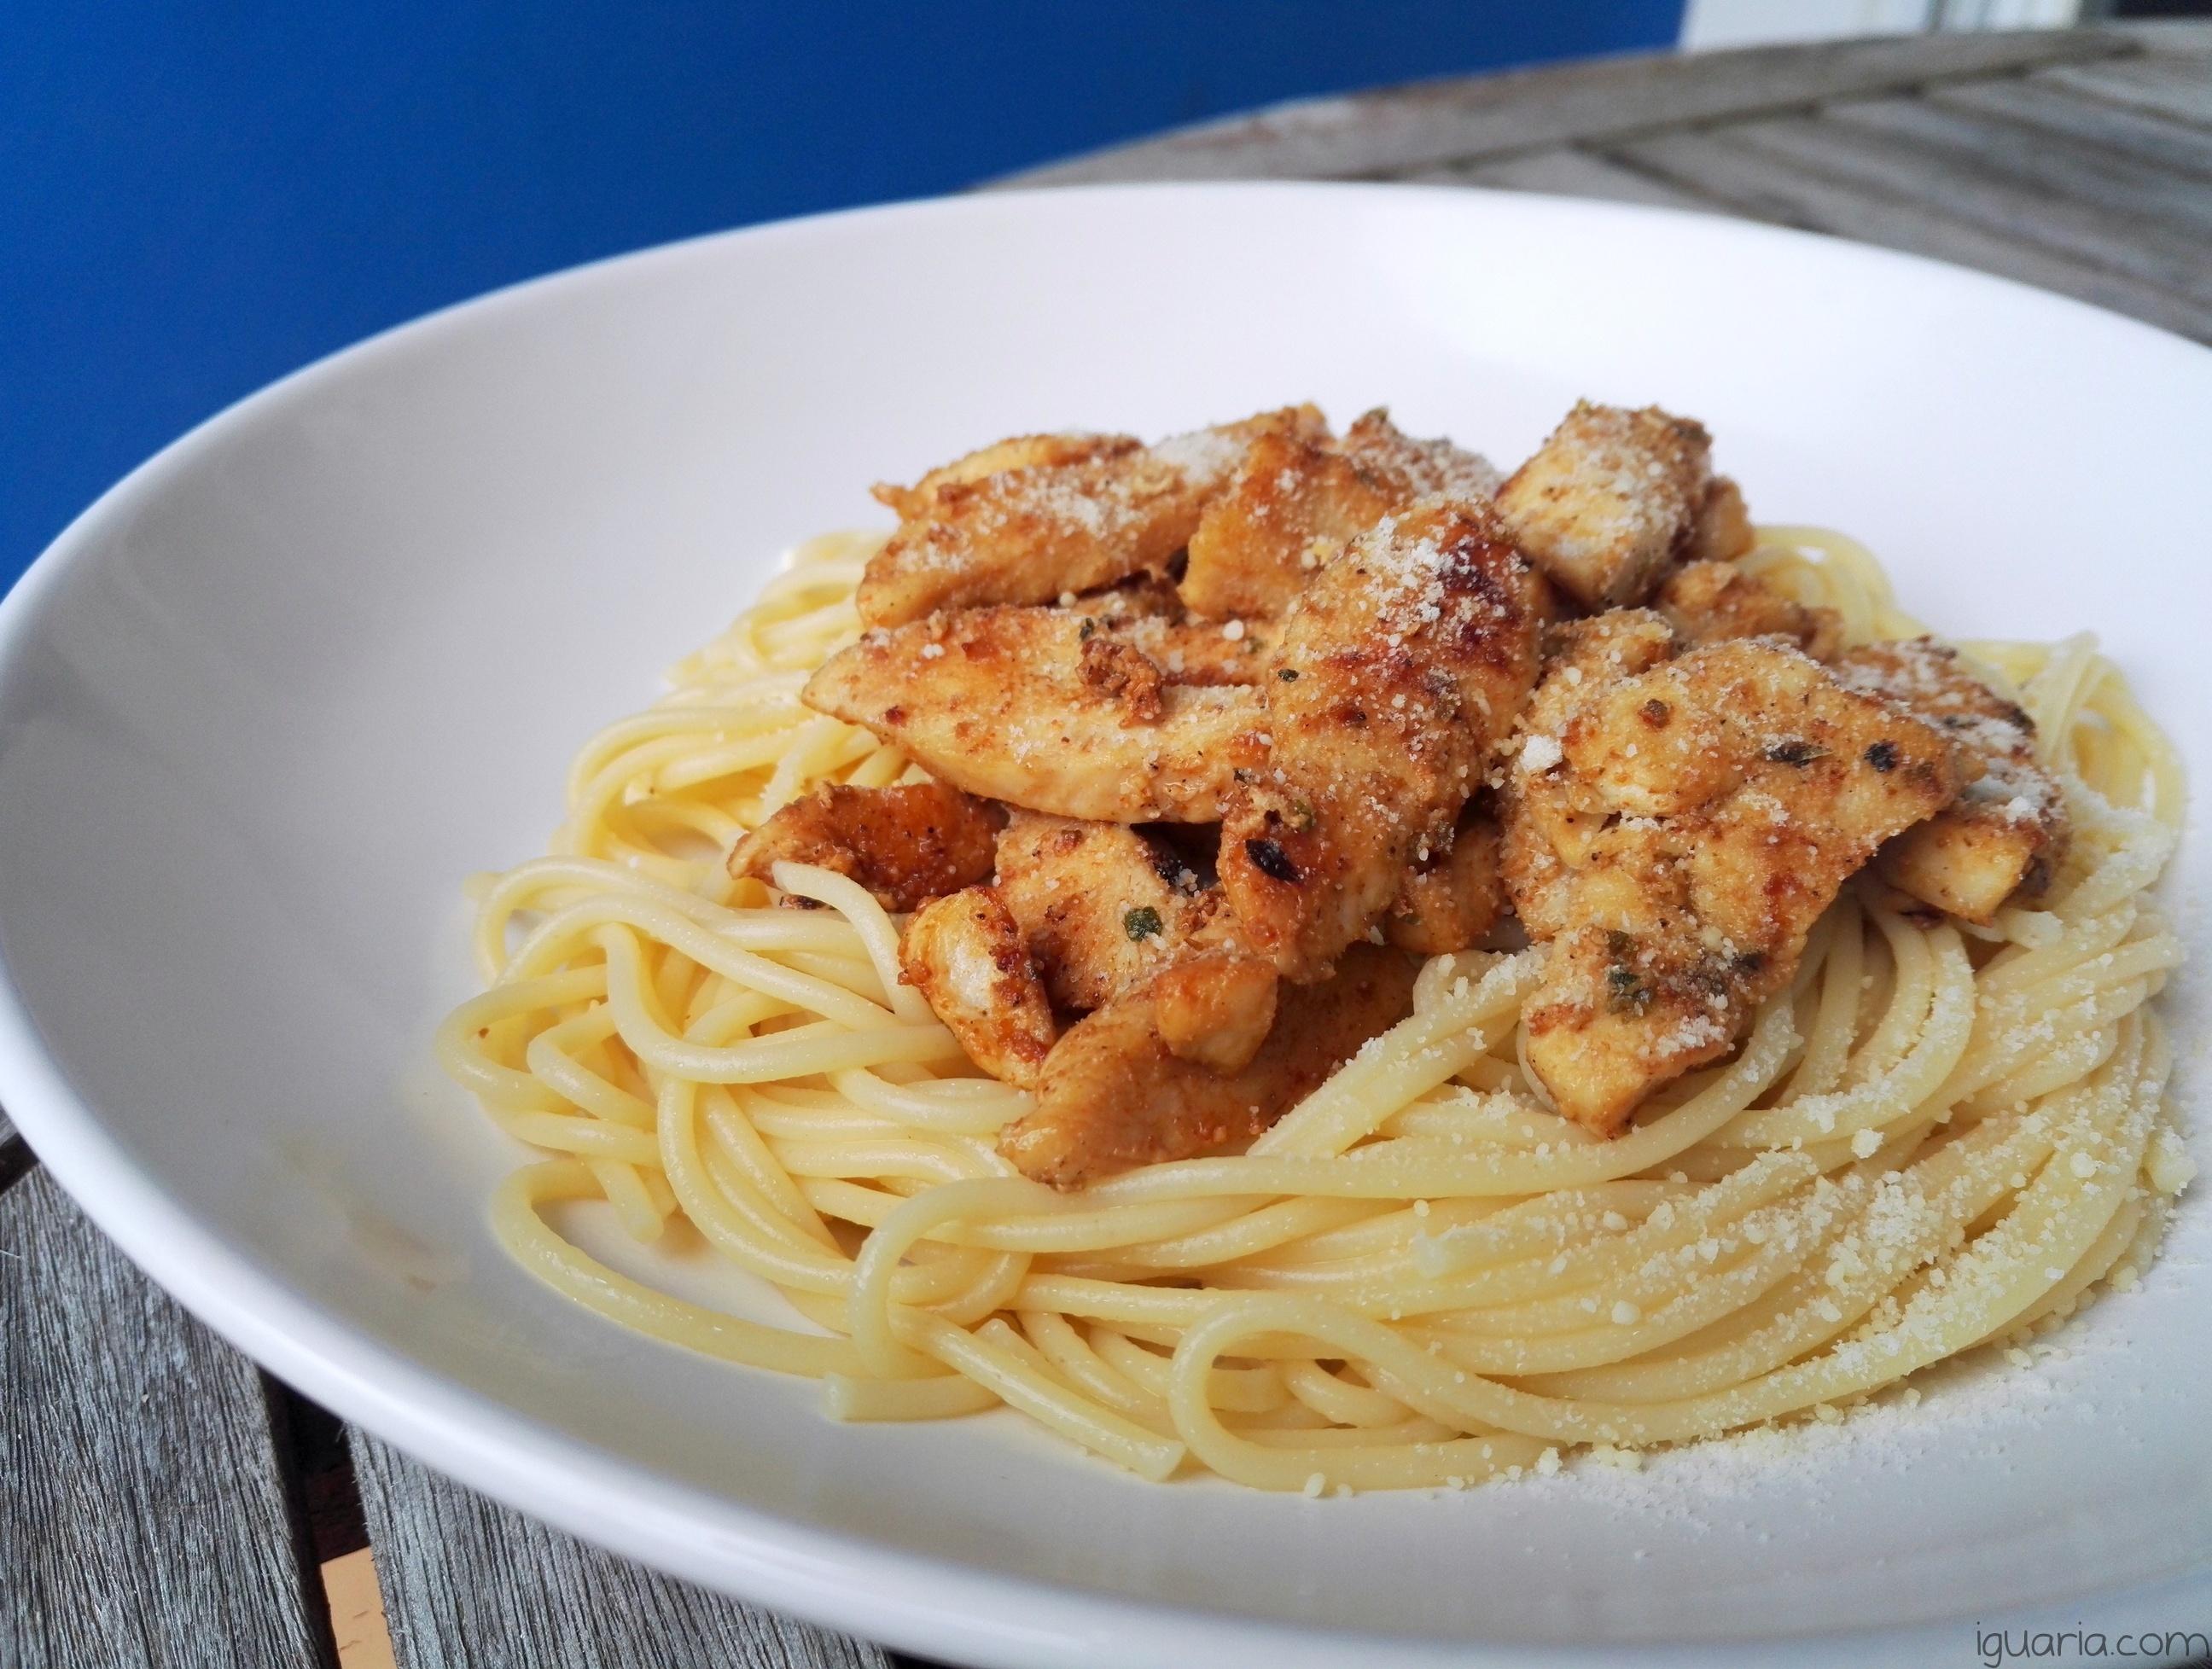 iguaria_frango-com-esparguete